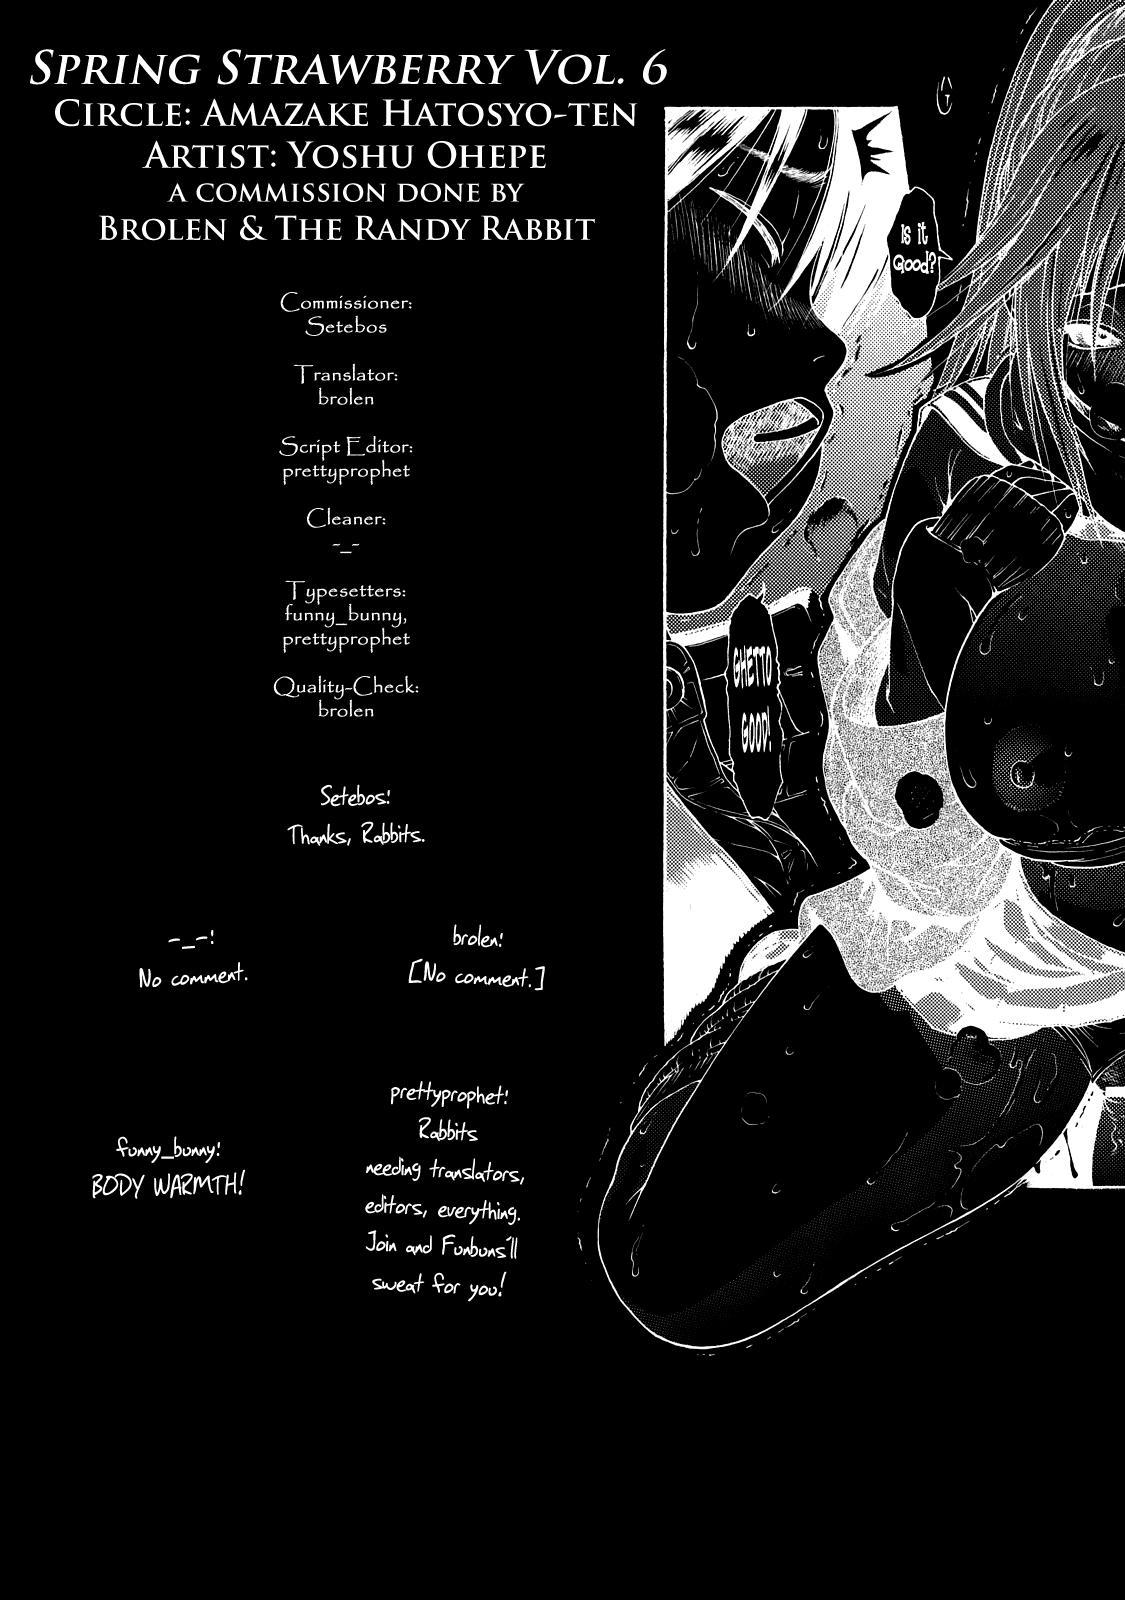 Haru Ichigo Vol. 6 - Spring Strawberry Vol. 6 21